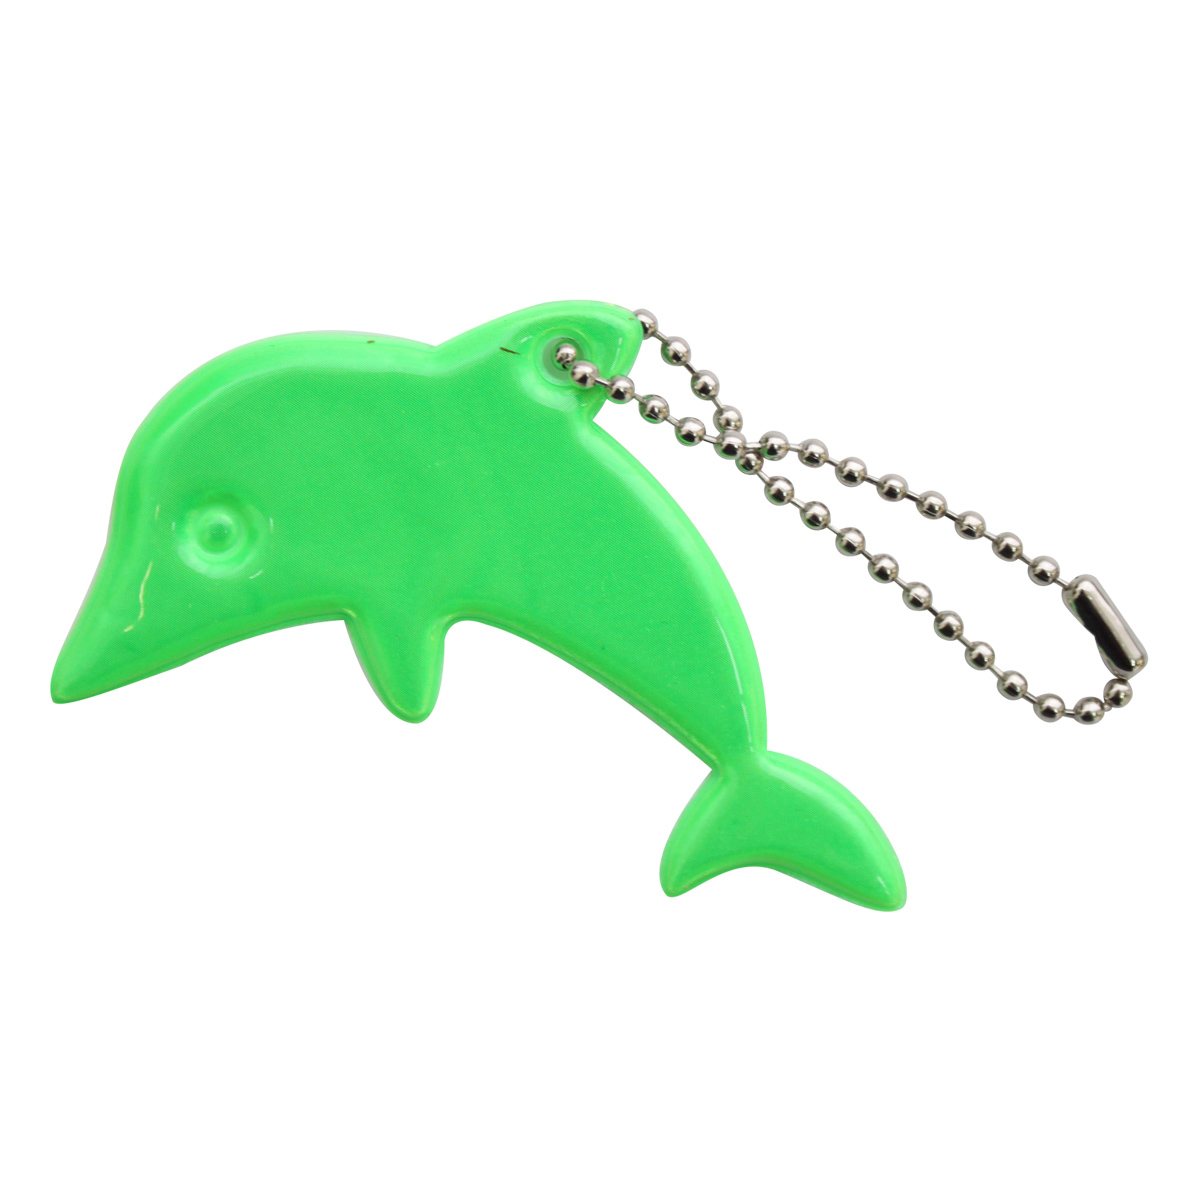 Светоотражающая подвеска 'Дельфин', 7 см, упак./2 шт.